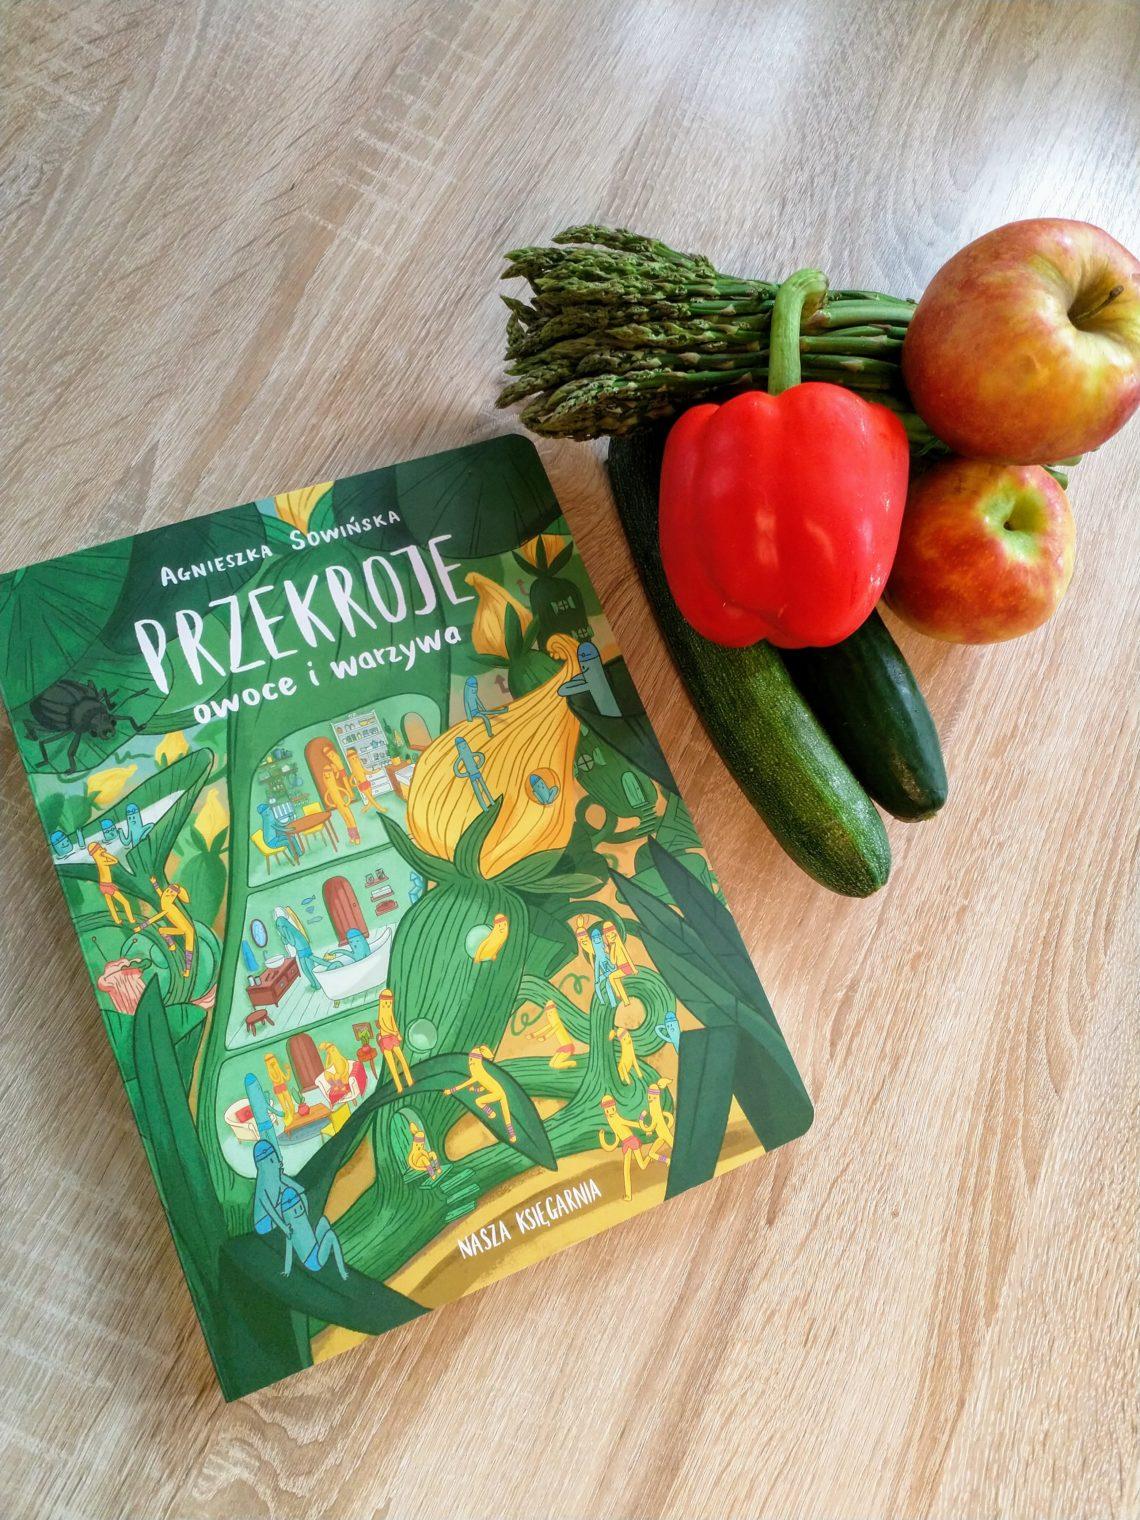 Przekroje: owoce i warzywa